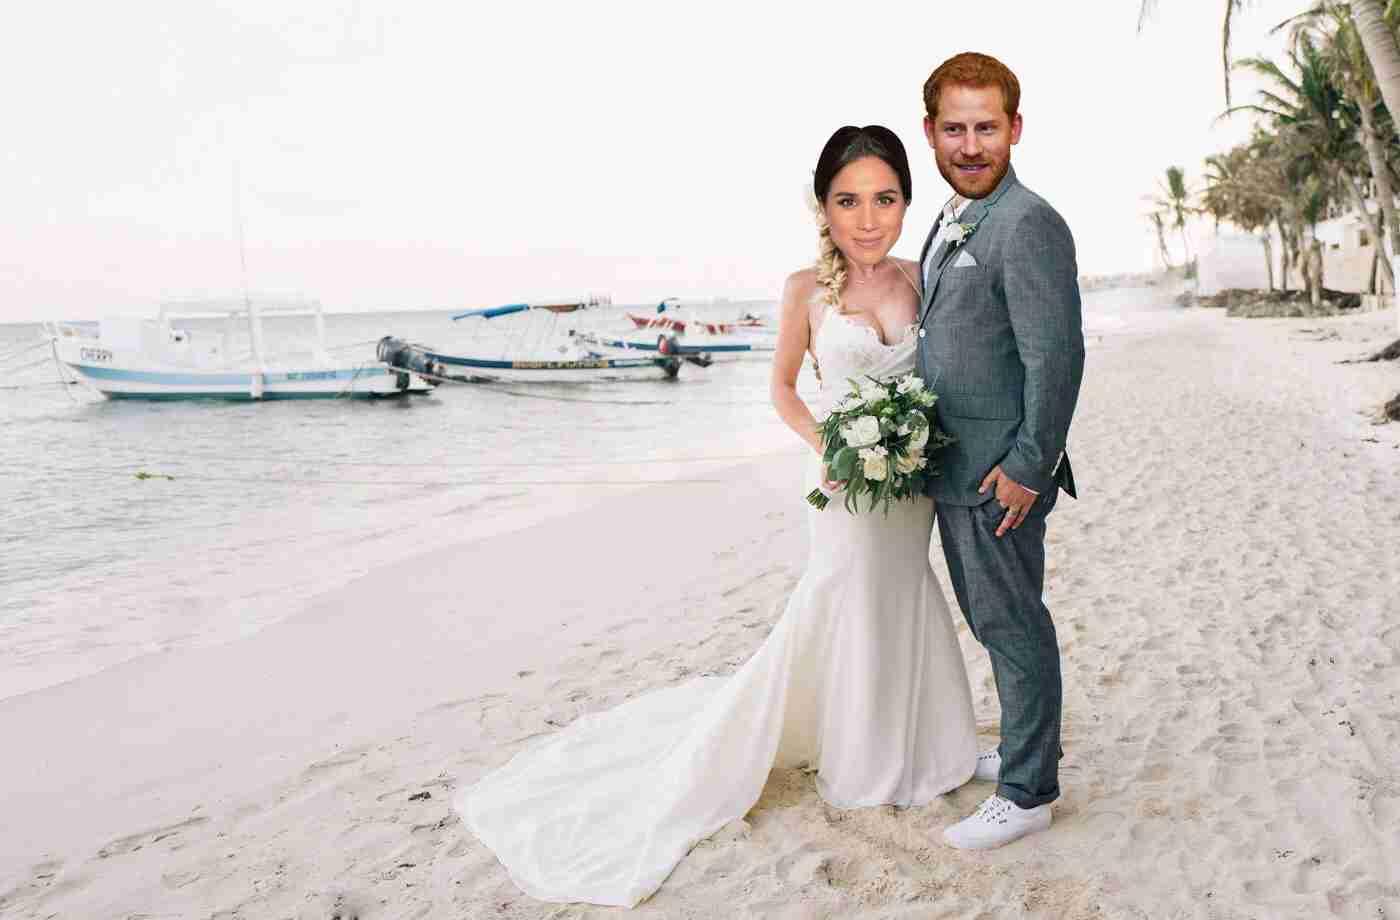 playa del carmen – Weddings in Playa